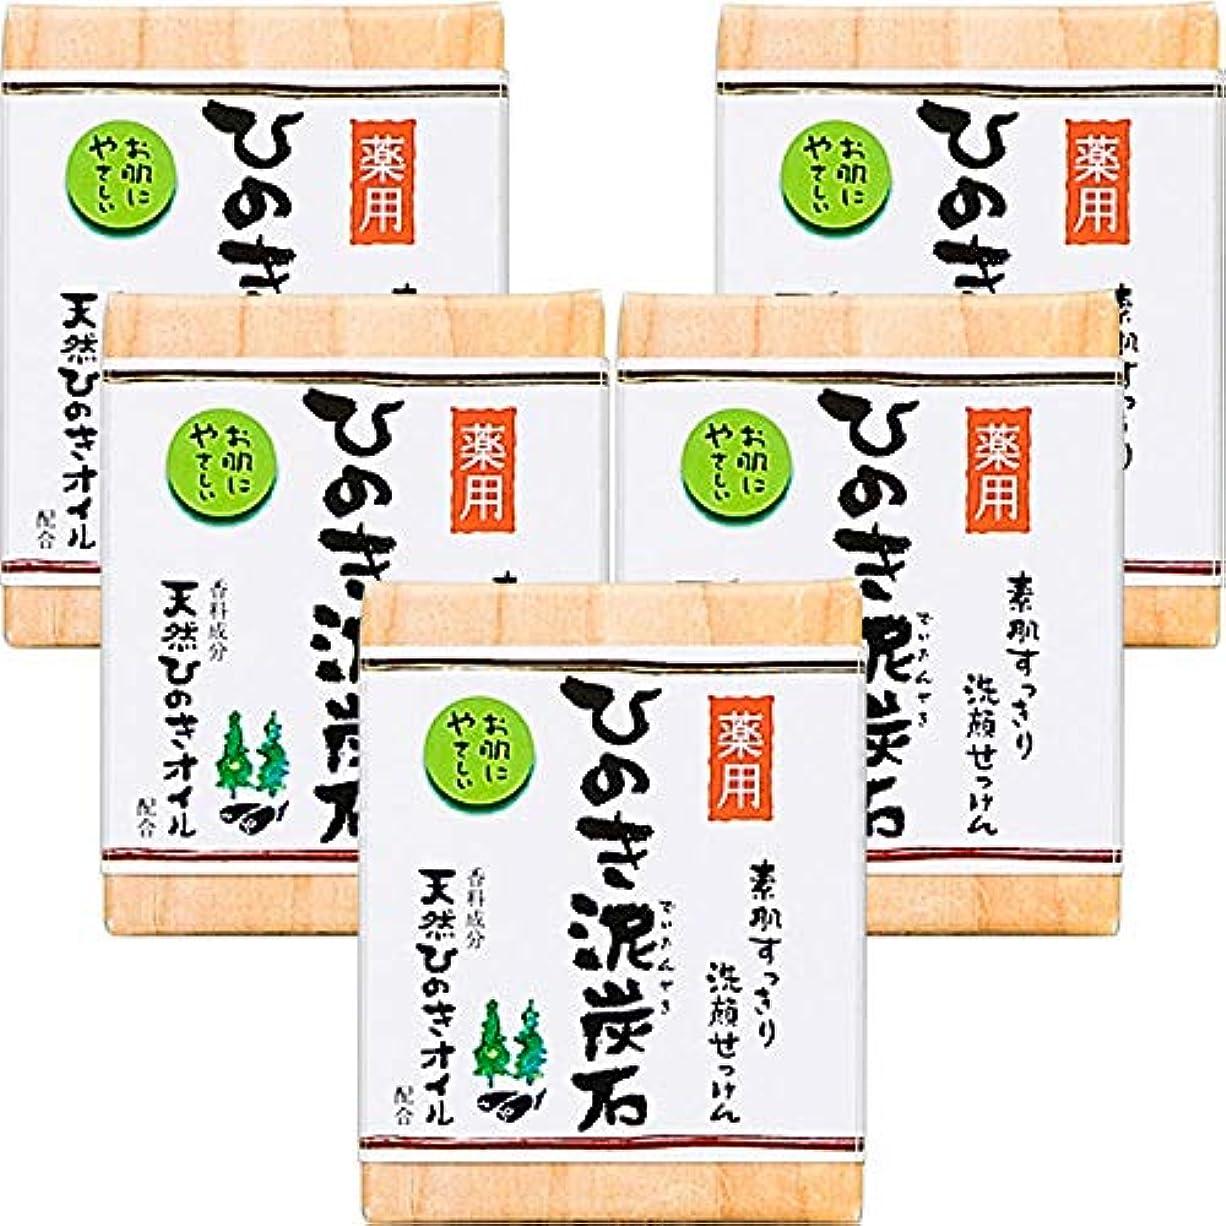 優雅ストラップ蒸薬用 ひのき泥炭石 (75g×5個) 洗顔 石けん [天然ひのきオイル配合] 肌荒れ防止